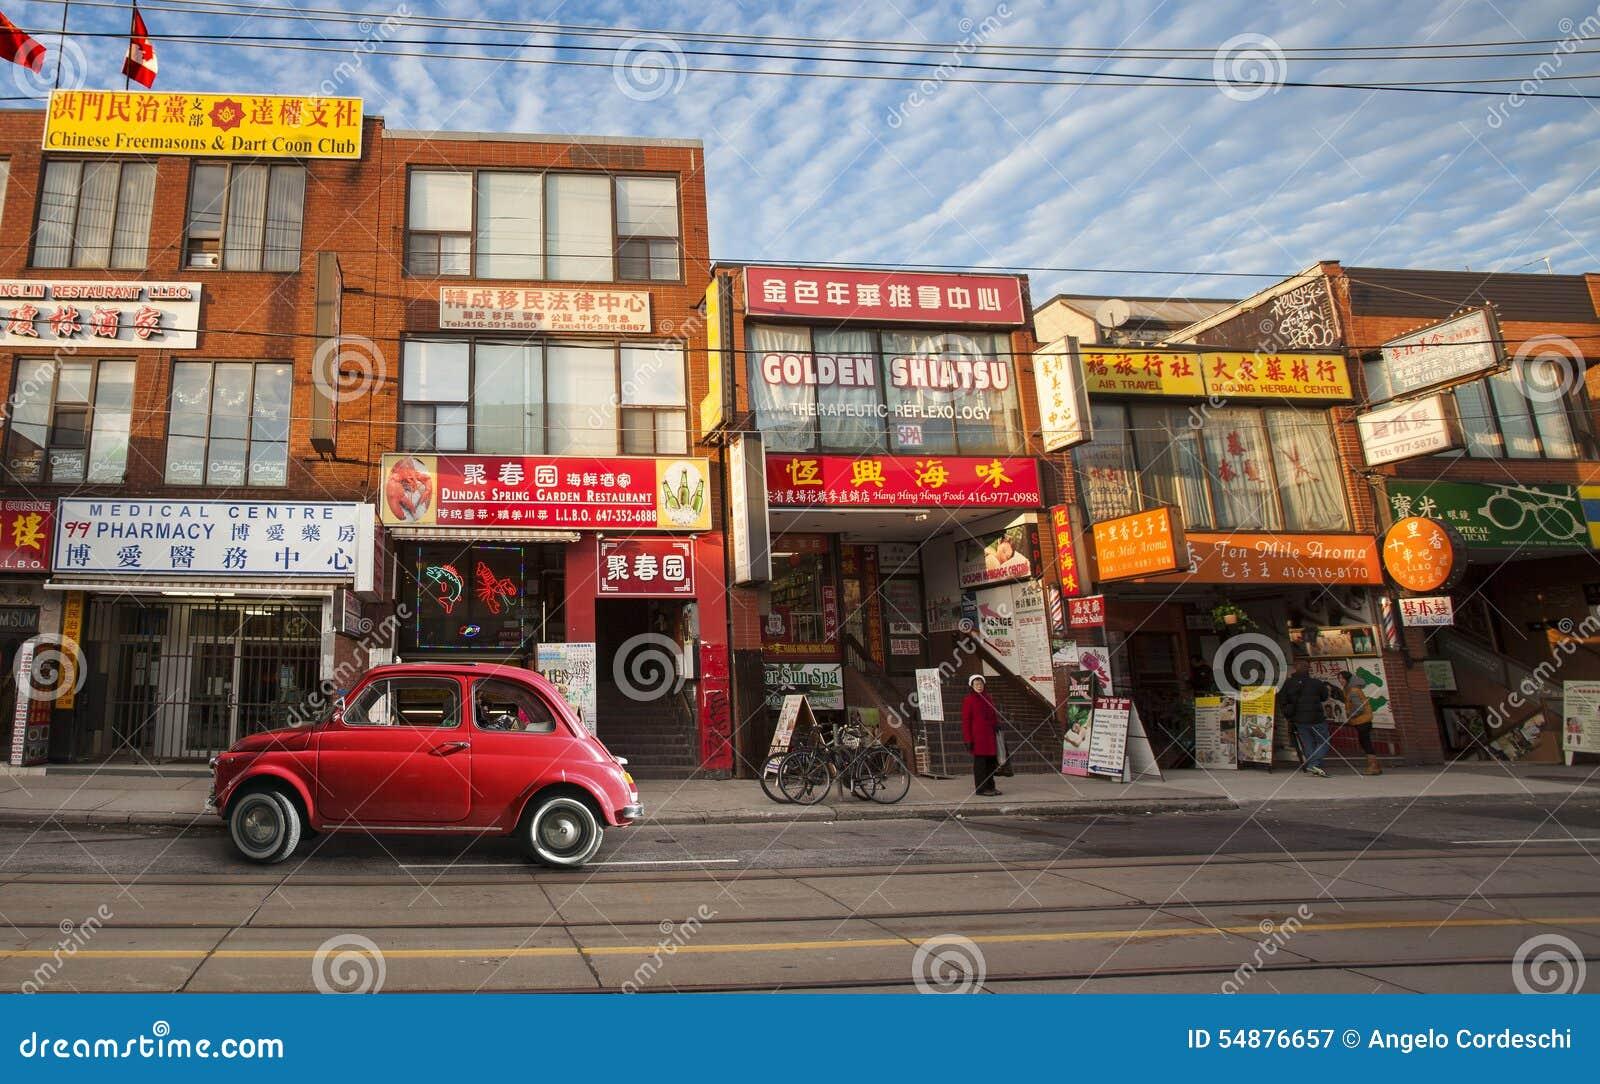 Bairro chinês em Toronto (Canadá) e no carro italiano vermelho velho